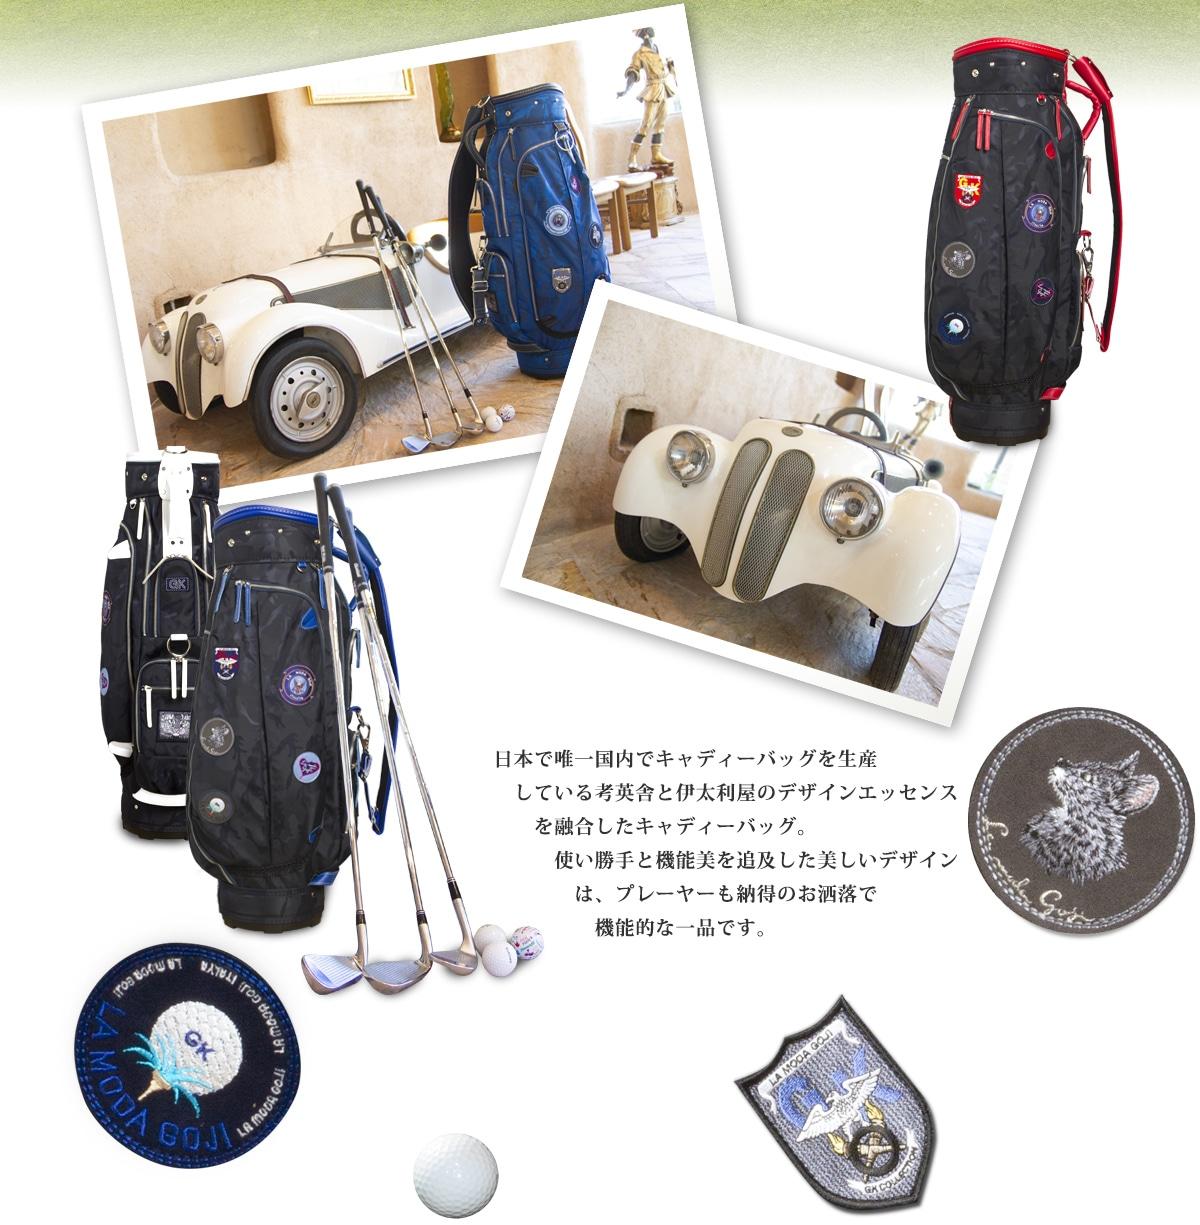 日本で唯一国内でキャディーバッグを生産している考英舎と伊太利屋のデザインエッセンスを融合させたキャディーバッグ。